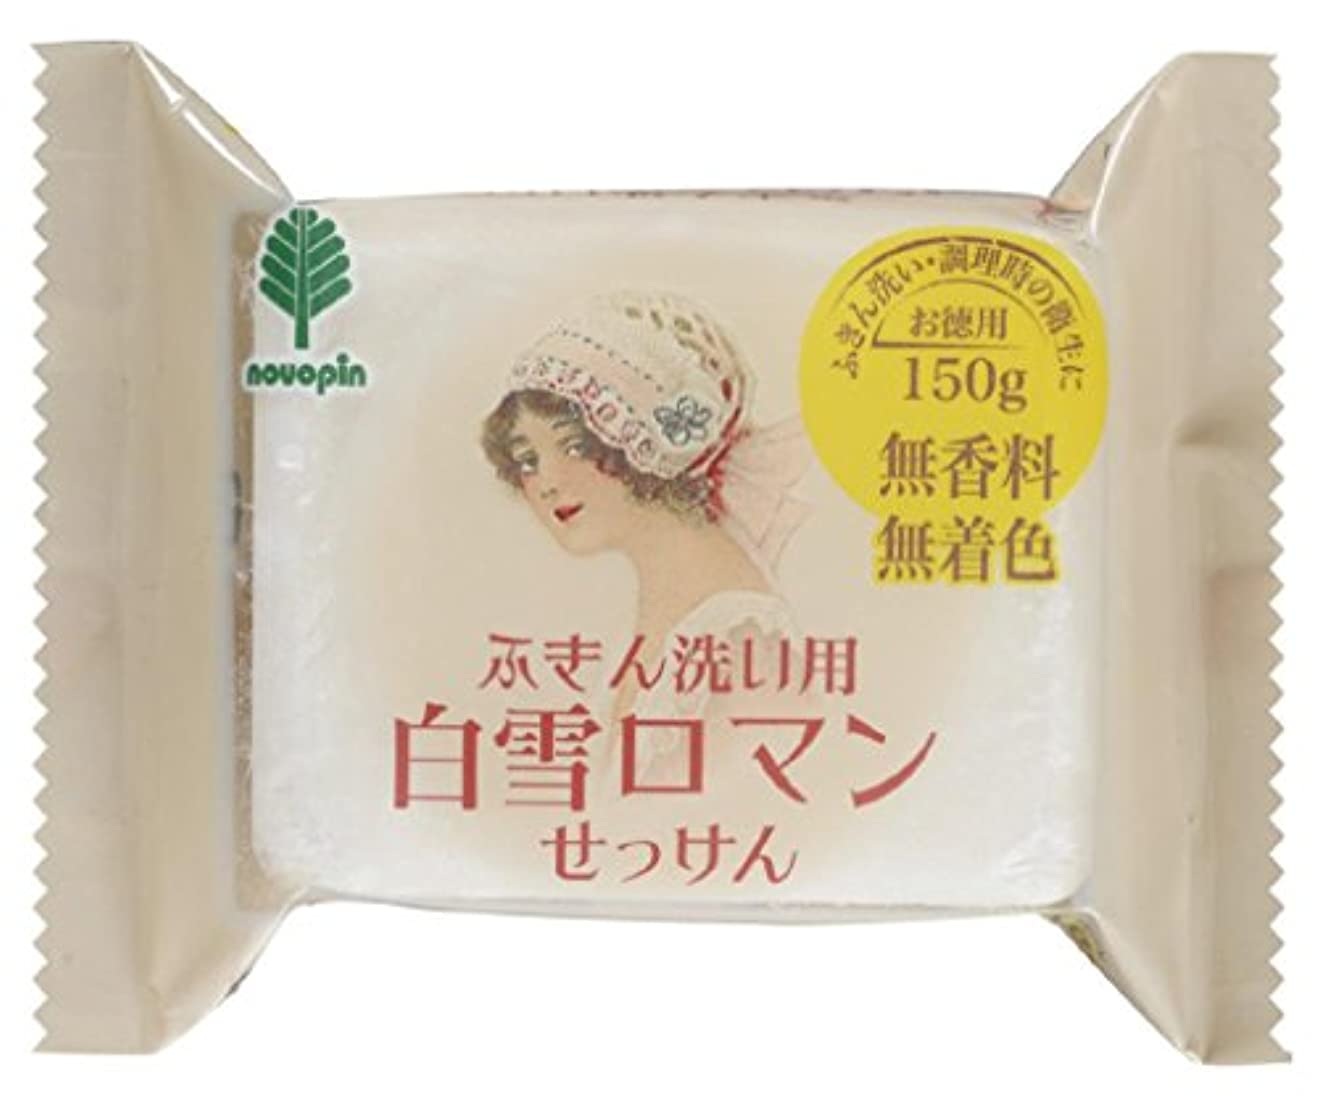 クリーナー成果広告する白雪ロマンせっけん 【まとめ買い20個セット】 K-2417 日本製 Japan